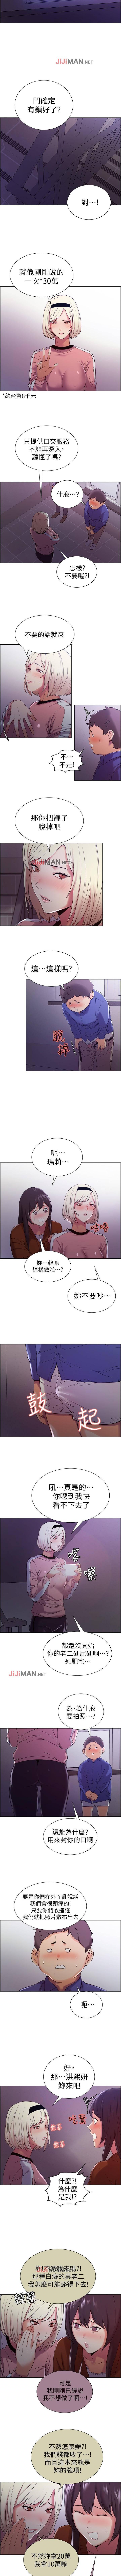 【周二连载】室友招募中(作者:Serious) 第1~15话 65